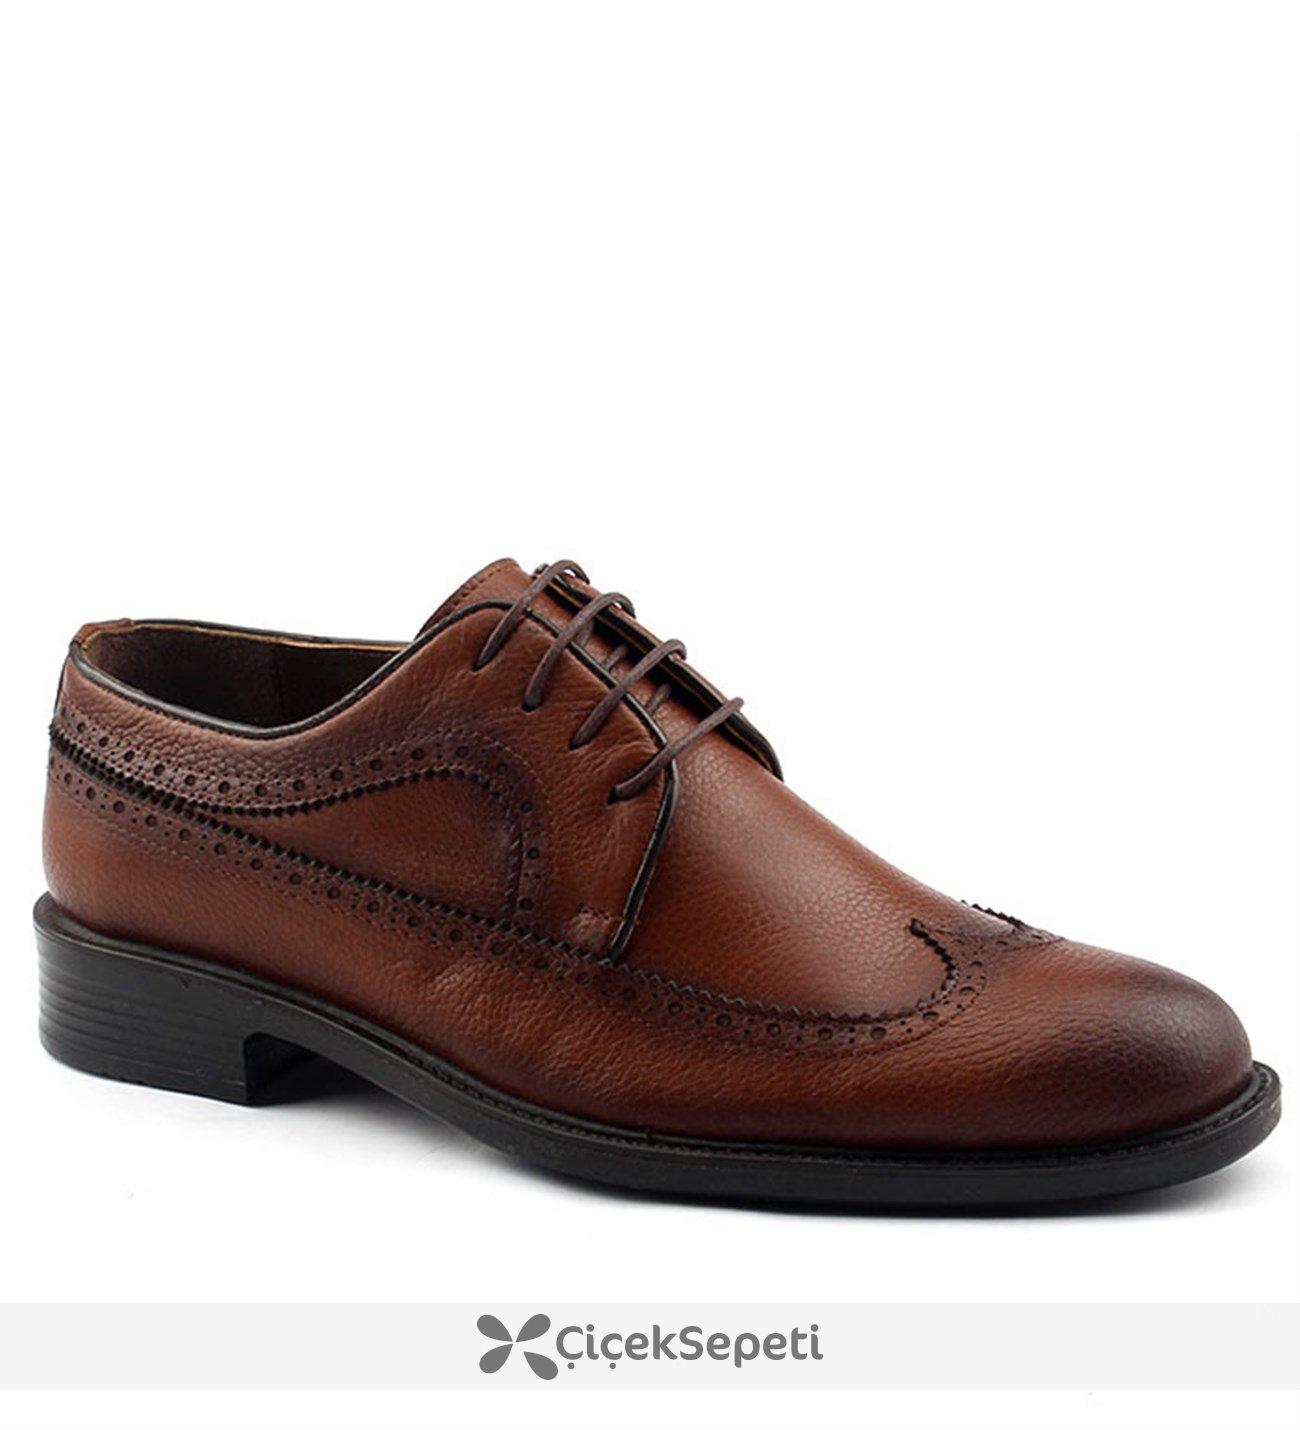 Epaş 147 Termo Taban %100 Deri Erkek Klasik Ayakkabı Taba